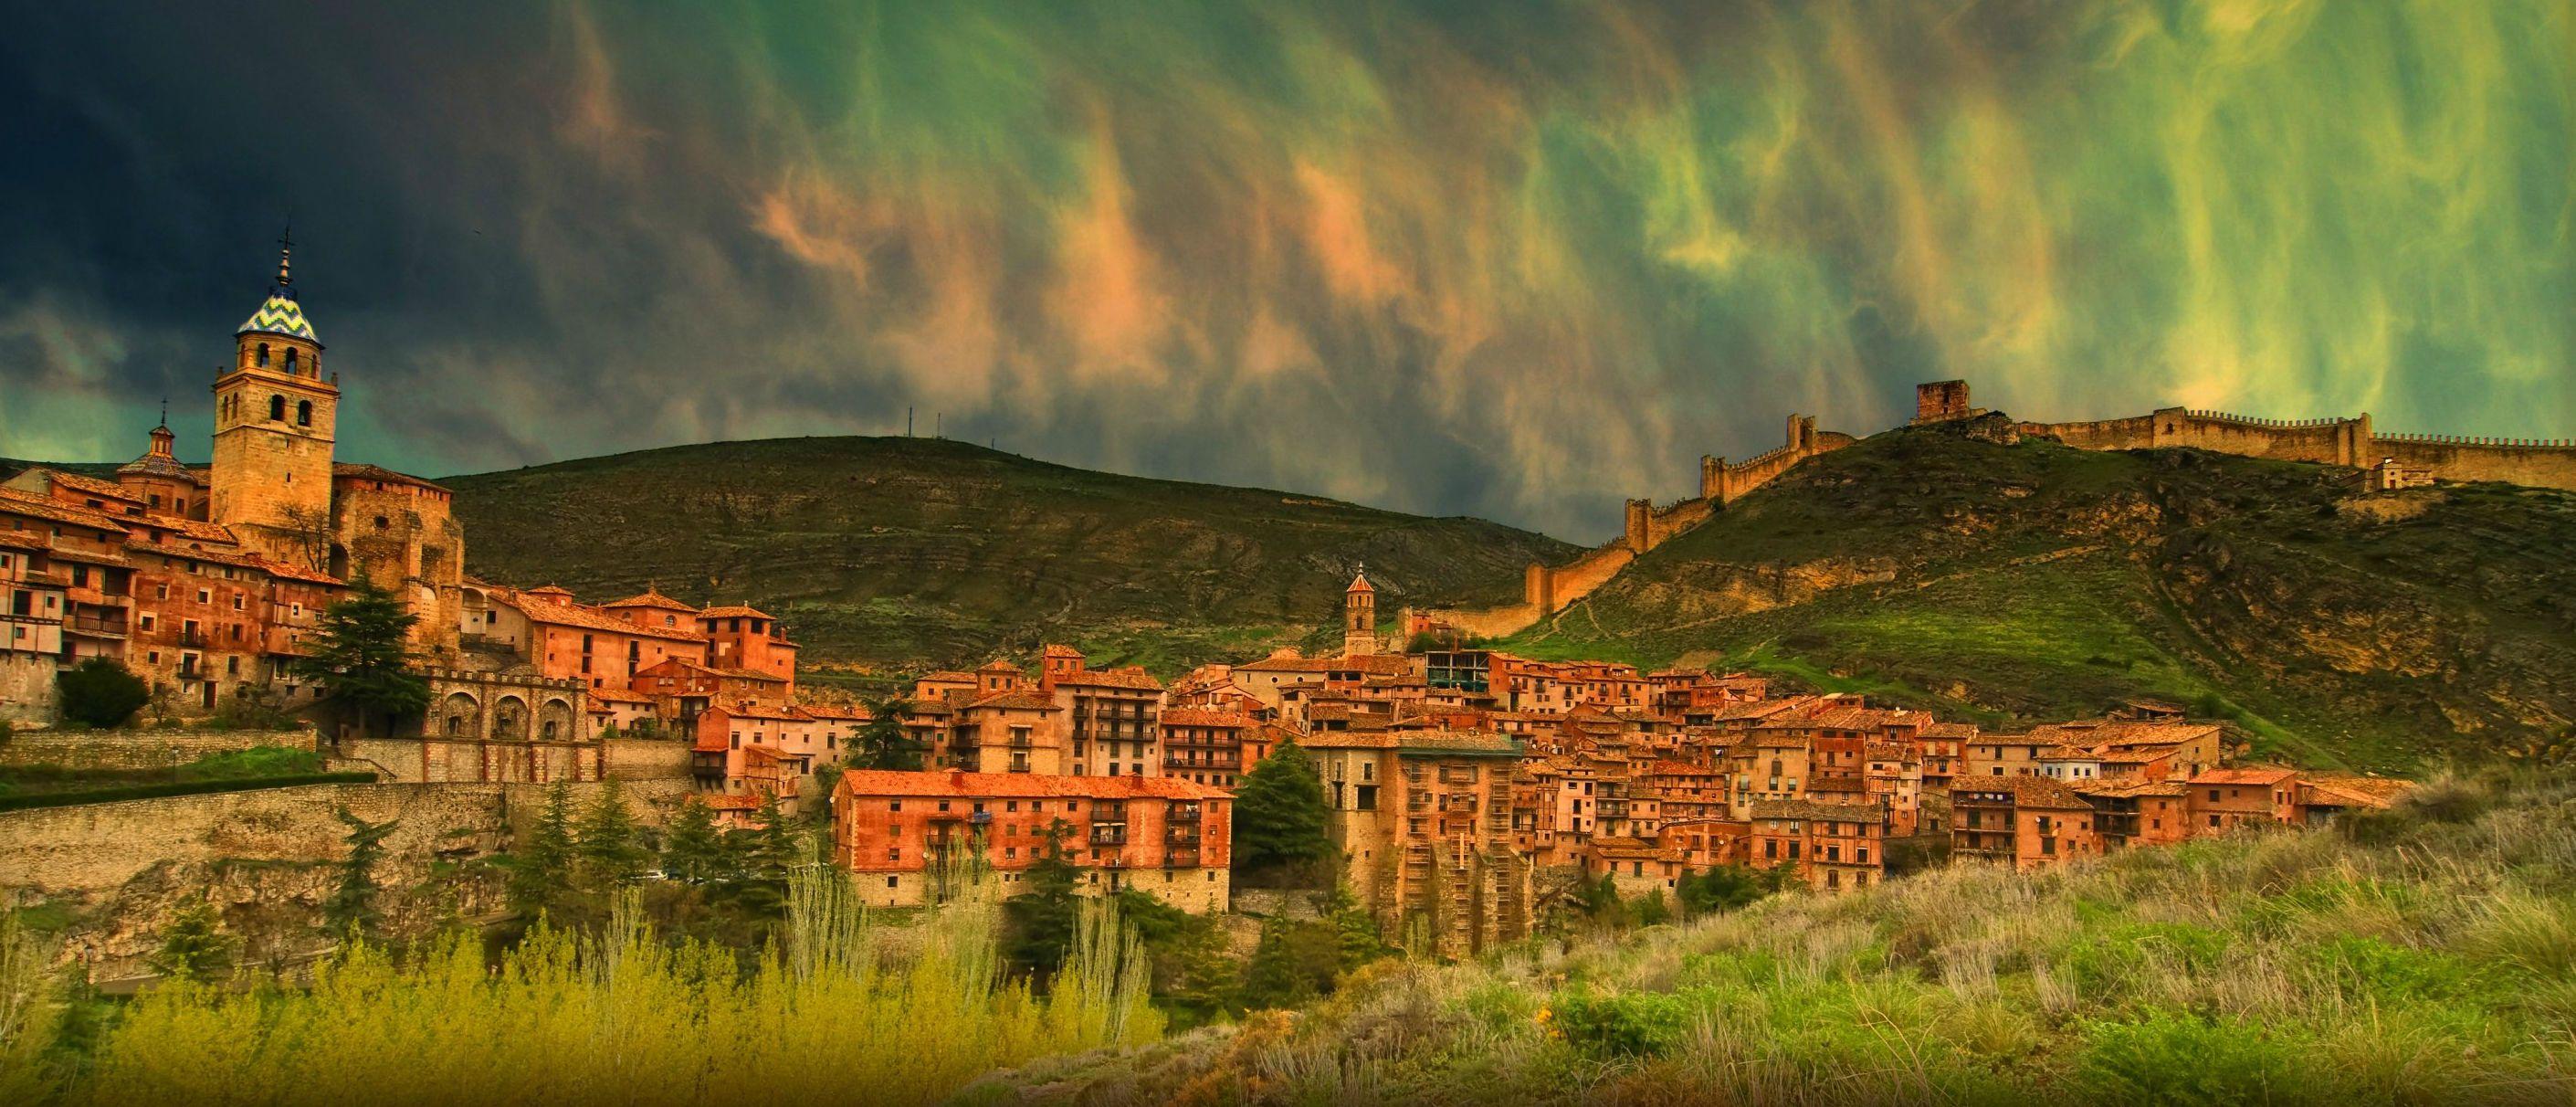 Альбаррасін, Іспанія